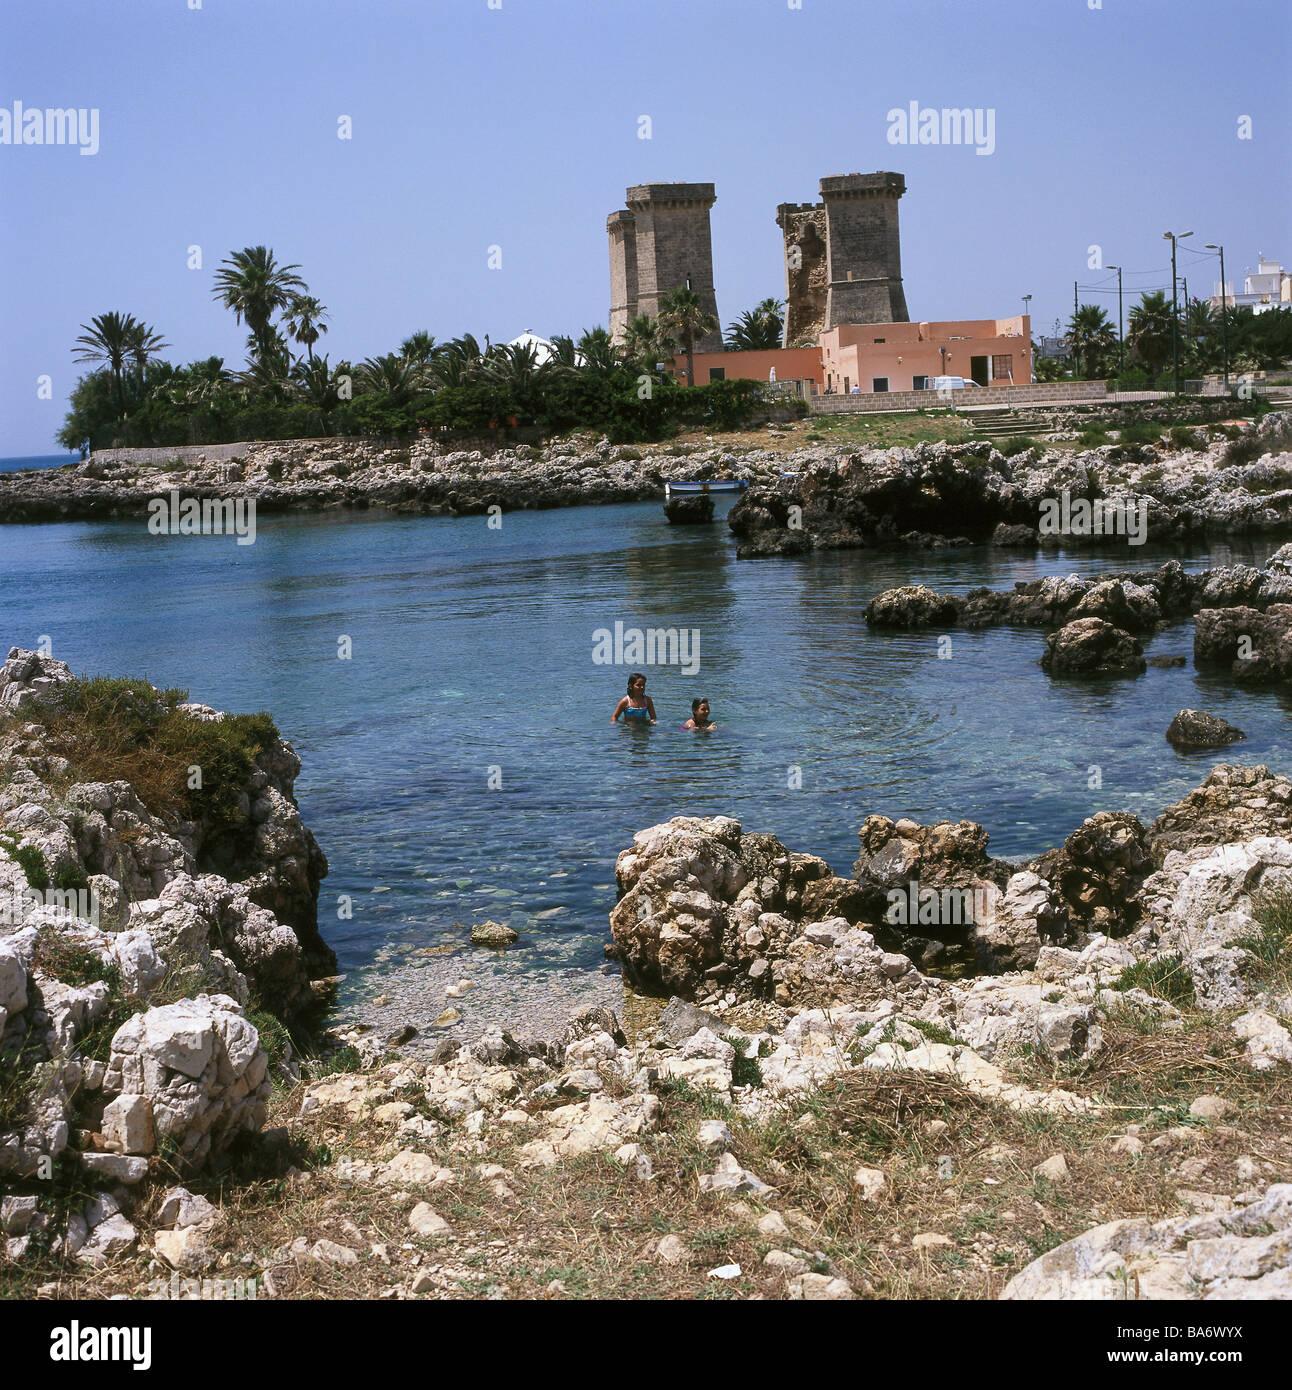 Italy Apulien Santa Maria al Bagno 'Quattro colonne rock-coast swimmers South-Italy Salento coast buildings - Stock Image